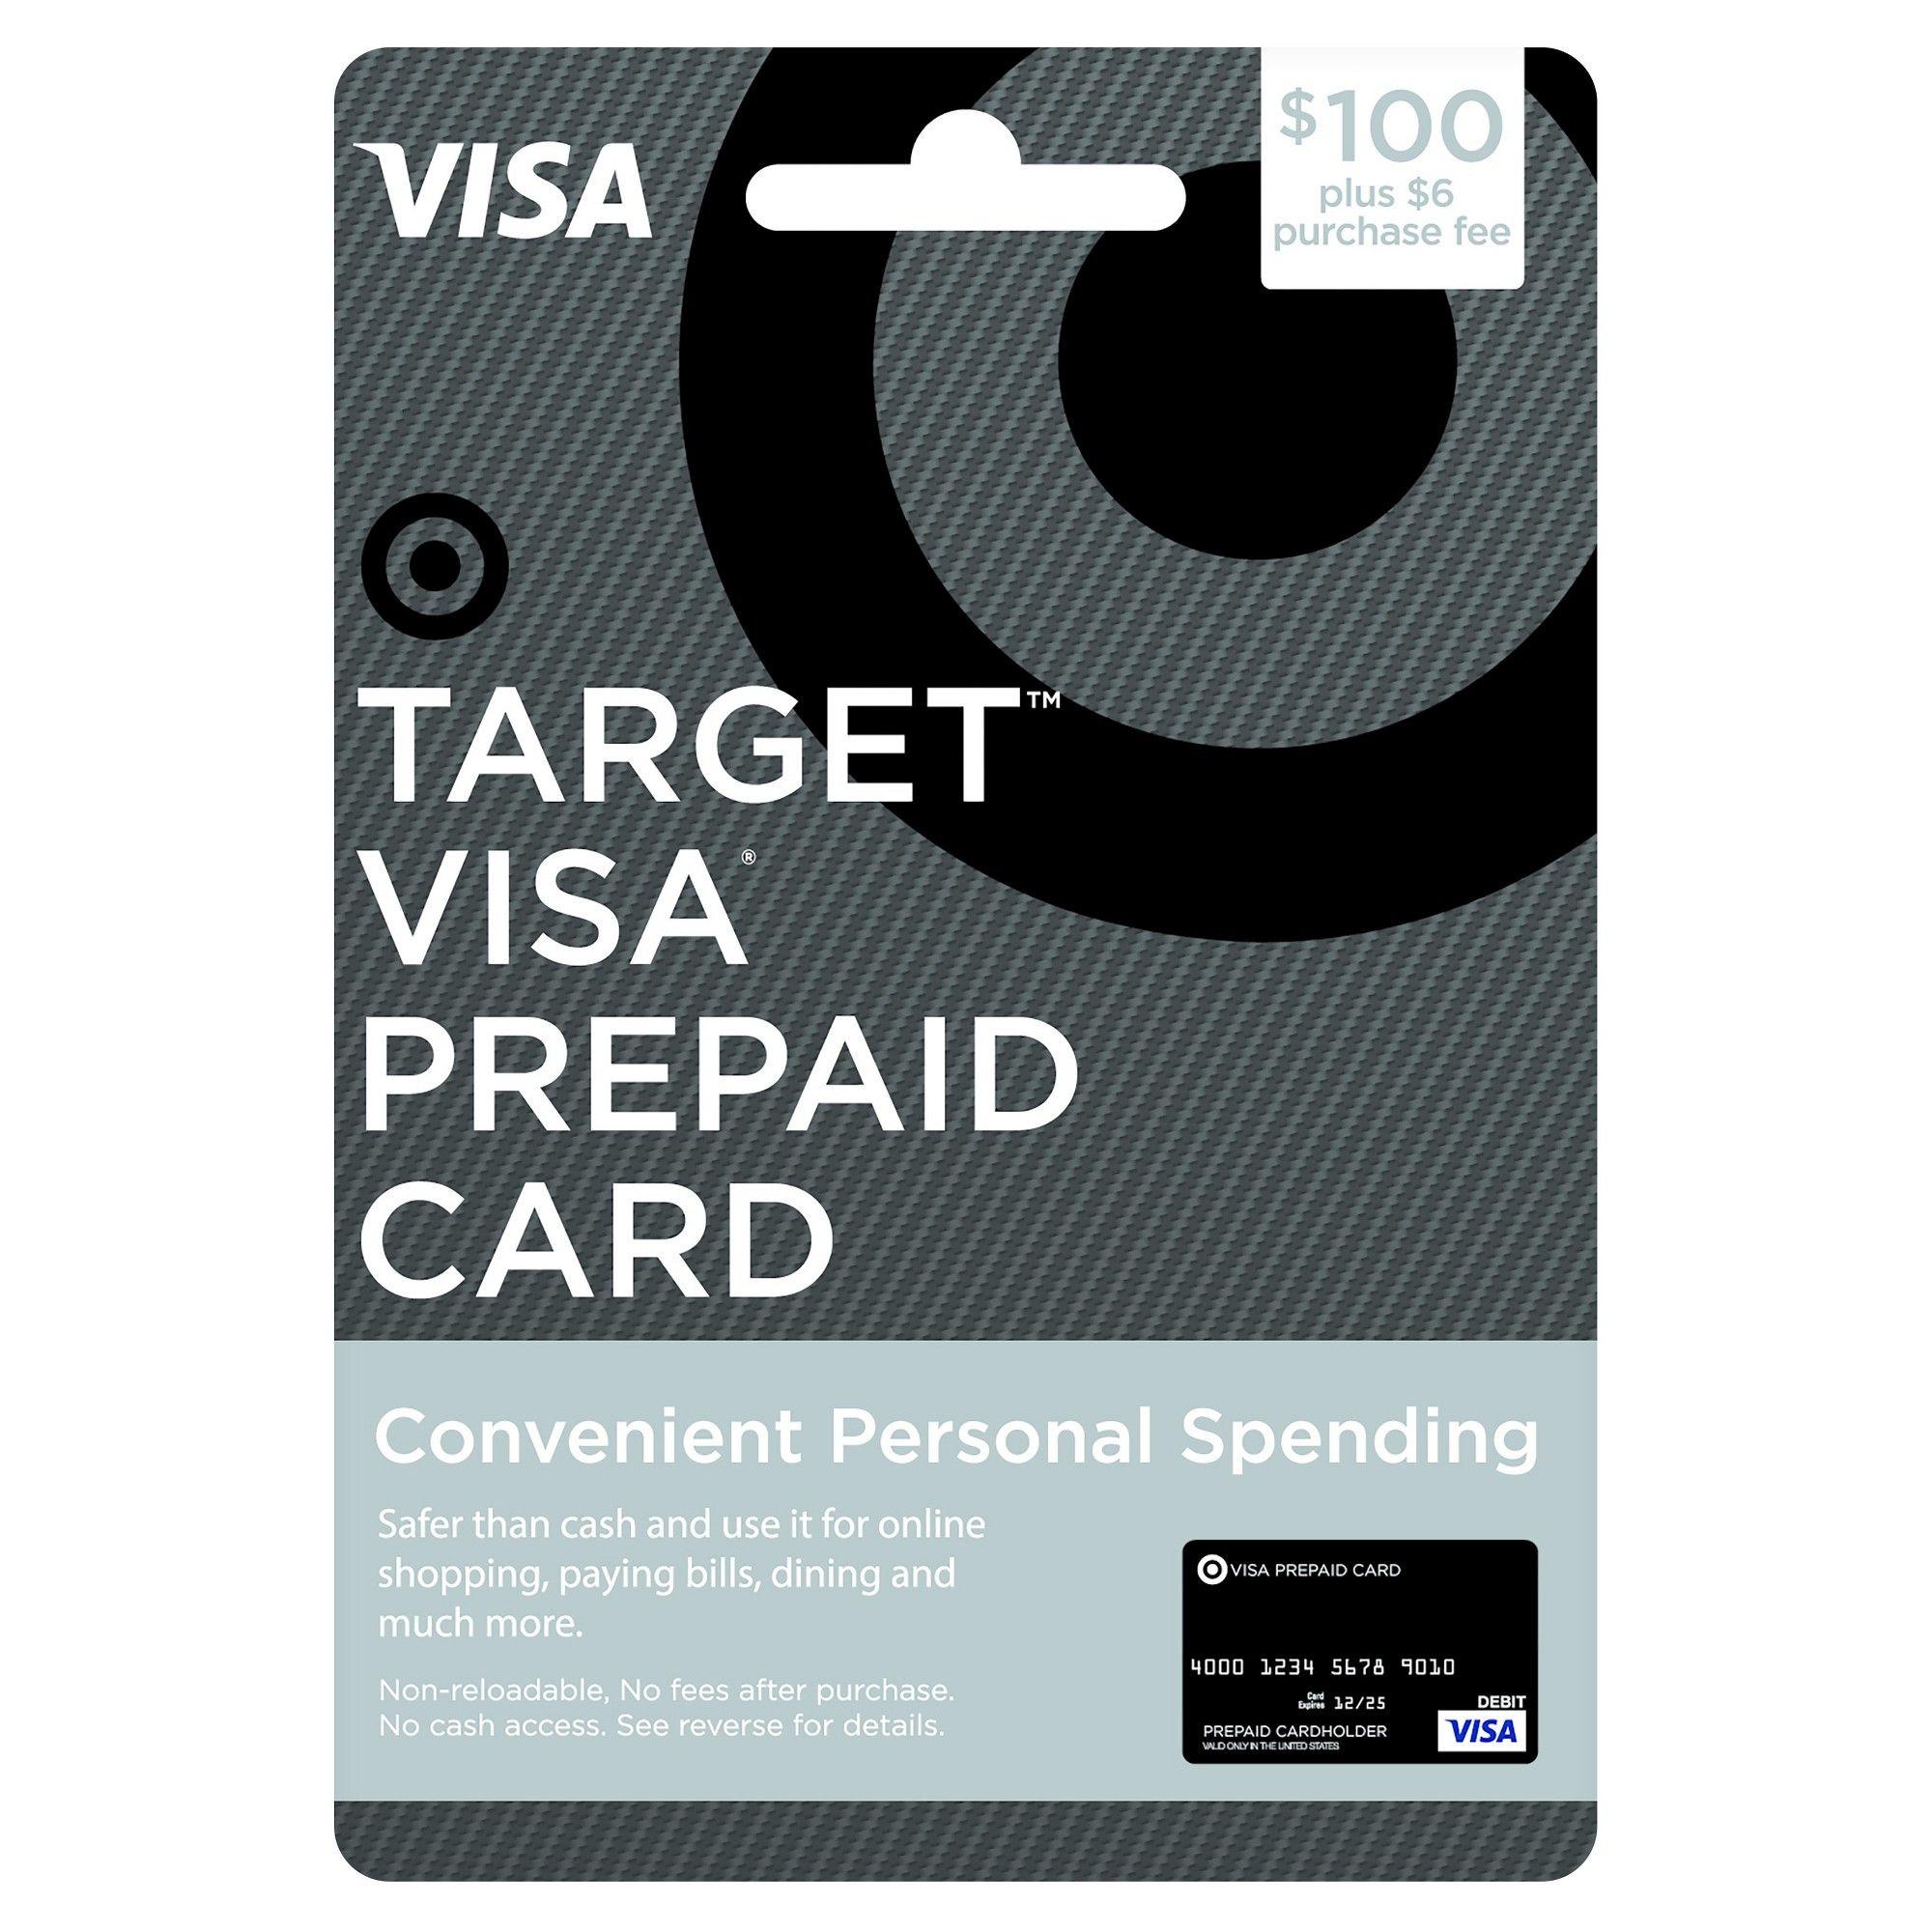 $100 Visa Prepaid Card - $100 + $6 Fee